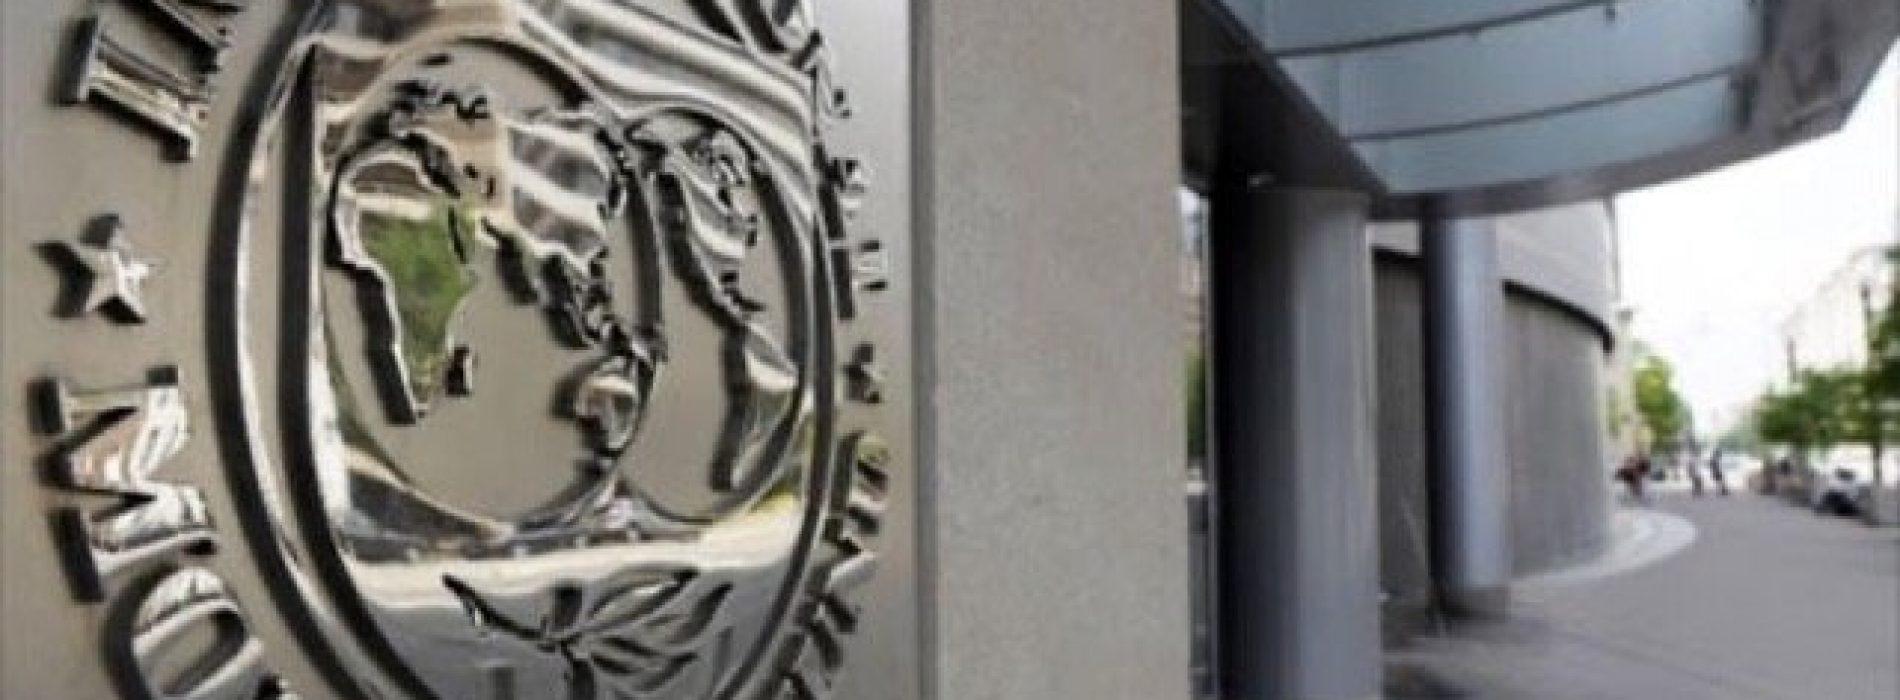 Ricevi e critica, il rapporto del Kenya con il FMI